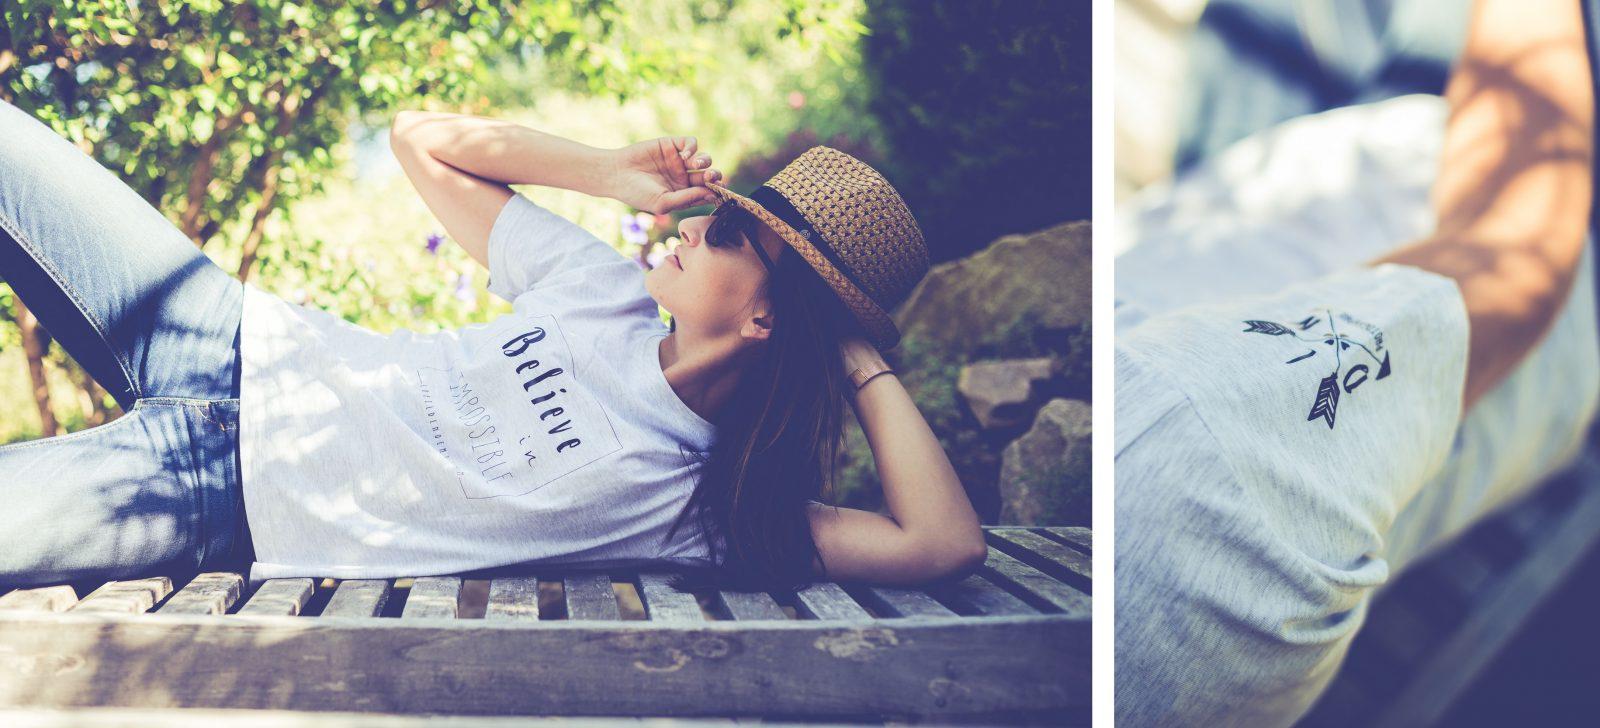 tee-shirt avec phrase, blanc chiné, estival et décontracté, par L'oeil de Noémie, photographe de mariage incontournable !